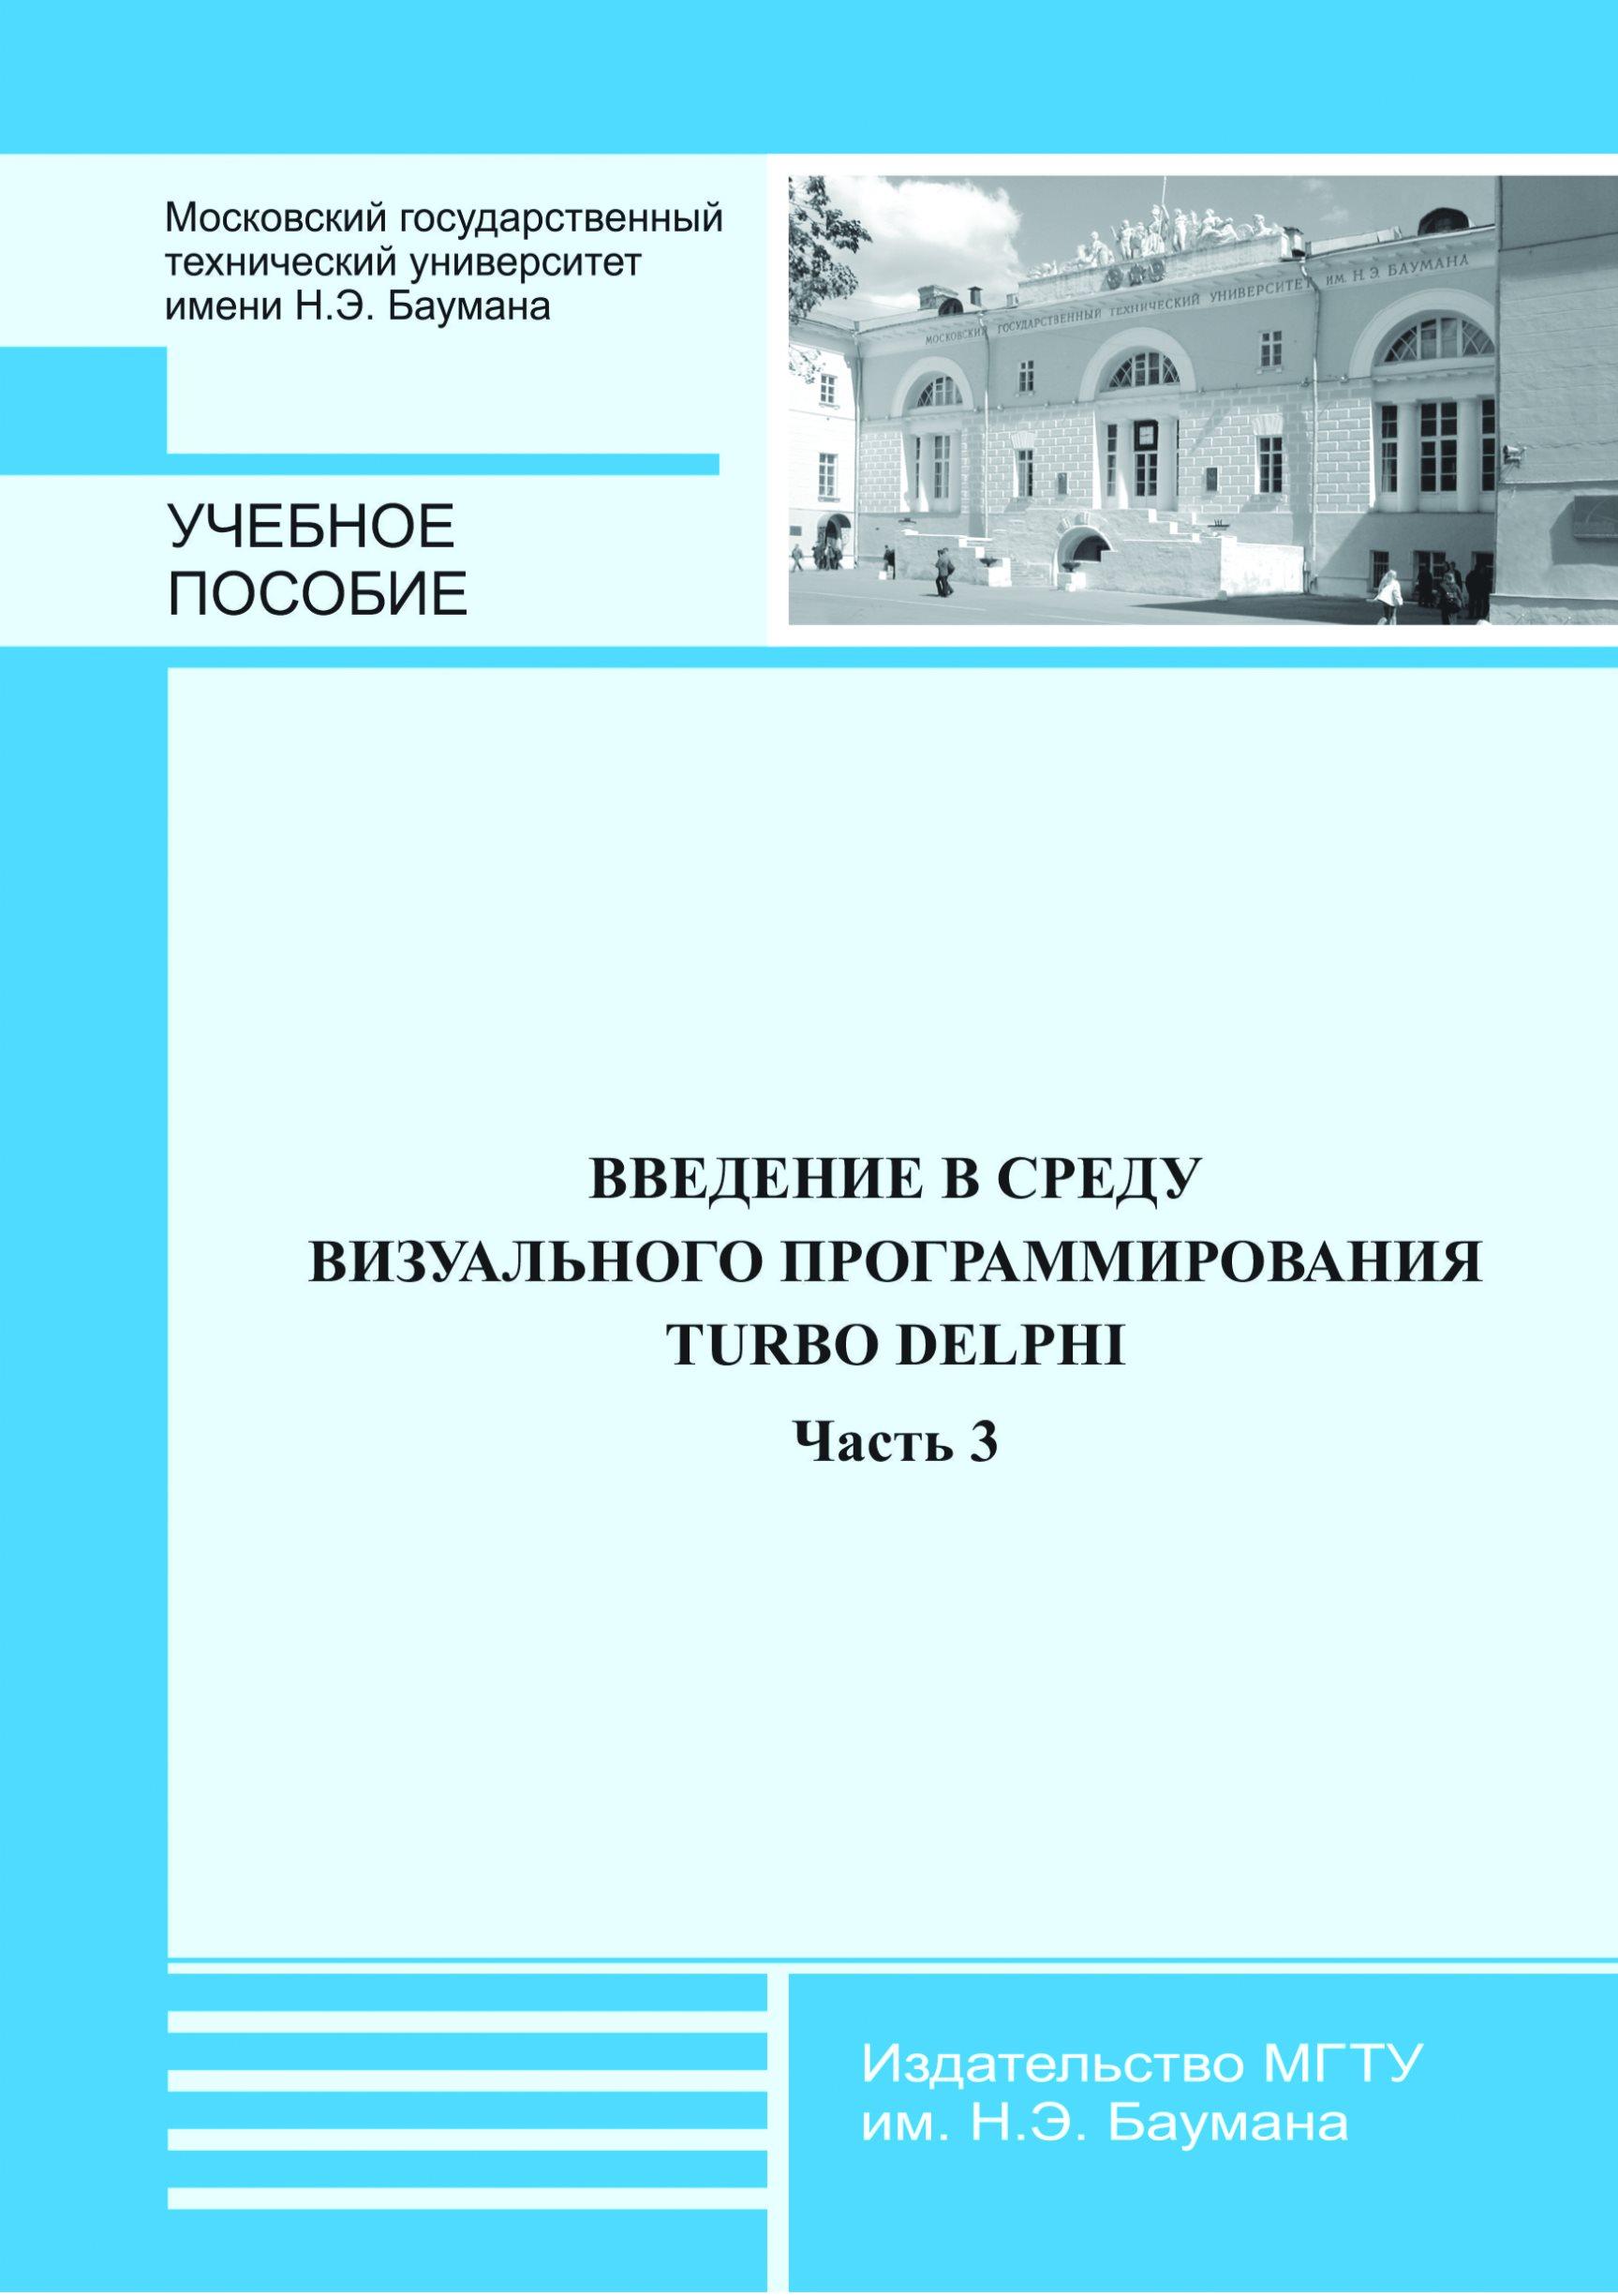 Станислав Борисов Введение в среду визуального программирования Turbo Delphi. Часть 3 станислав борисов введение в среду визуального программирования turbo delphi часть 3